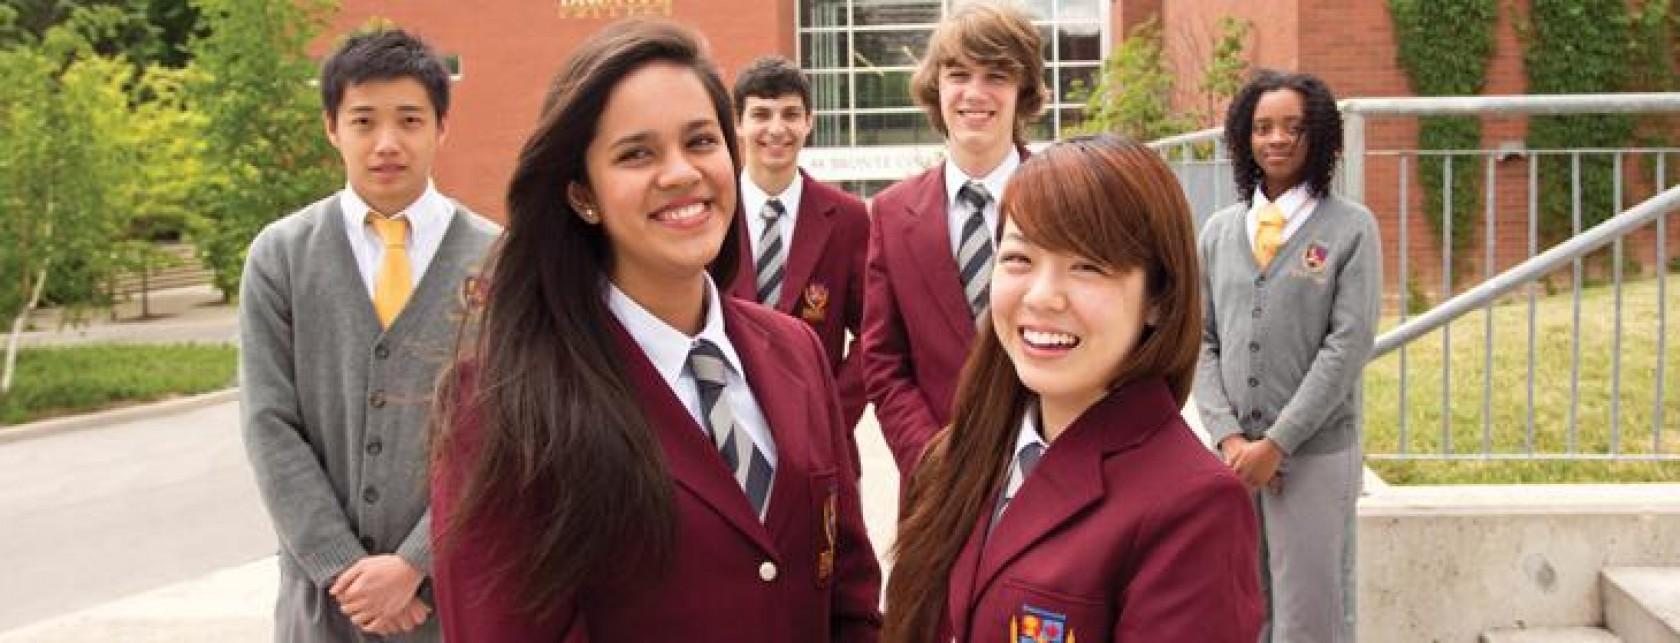 Kanada Lise Öğrenci Vizesi Ve Vize Başvuru Belgeleri